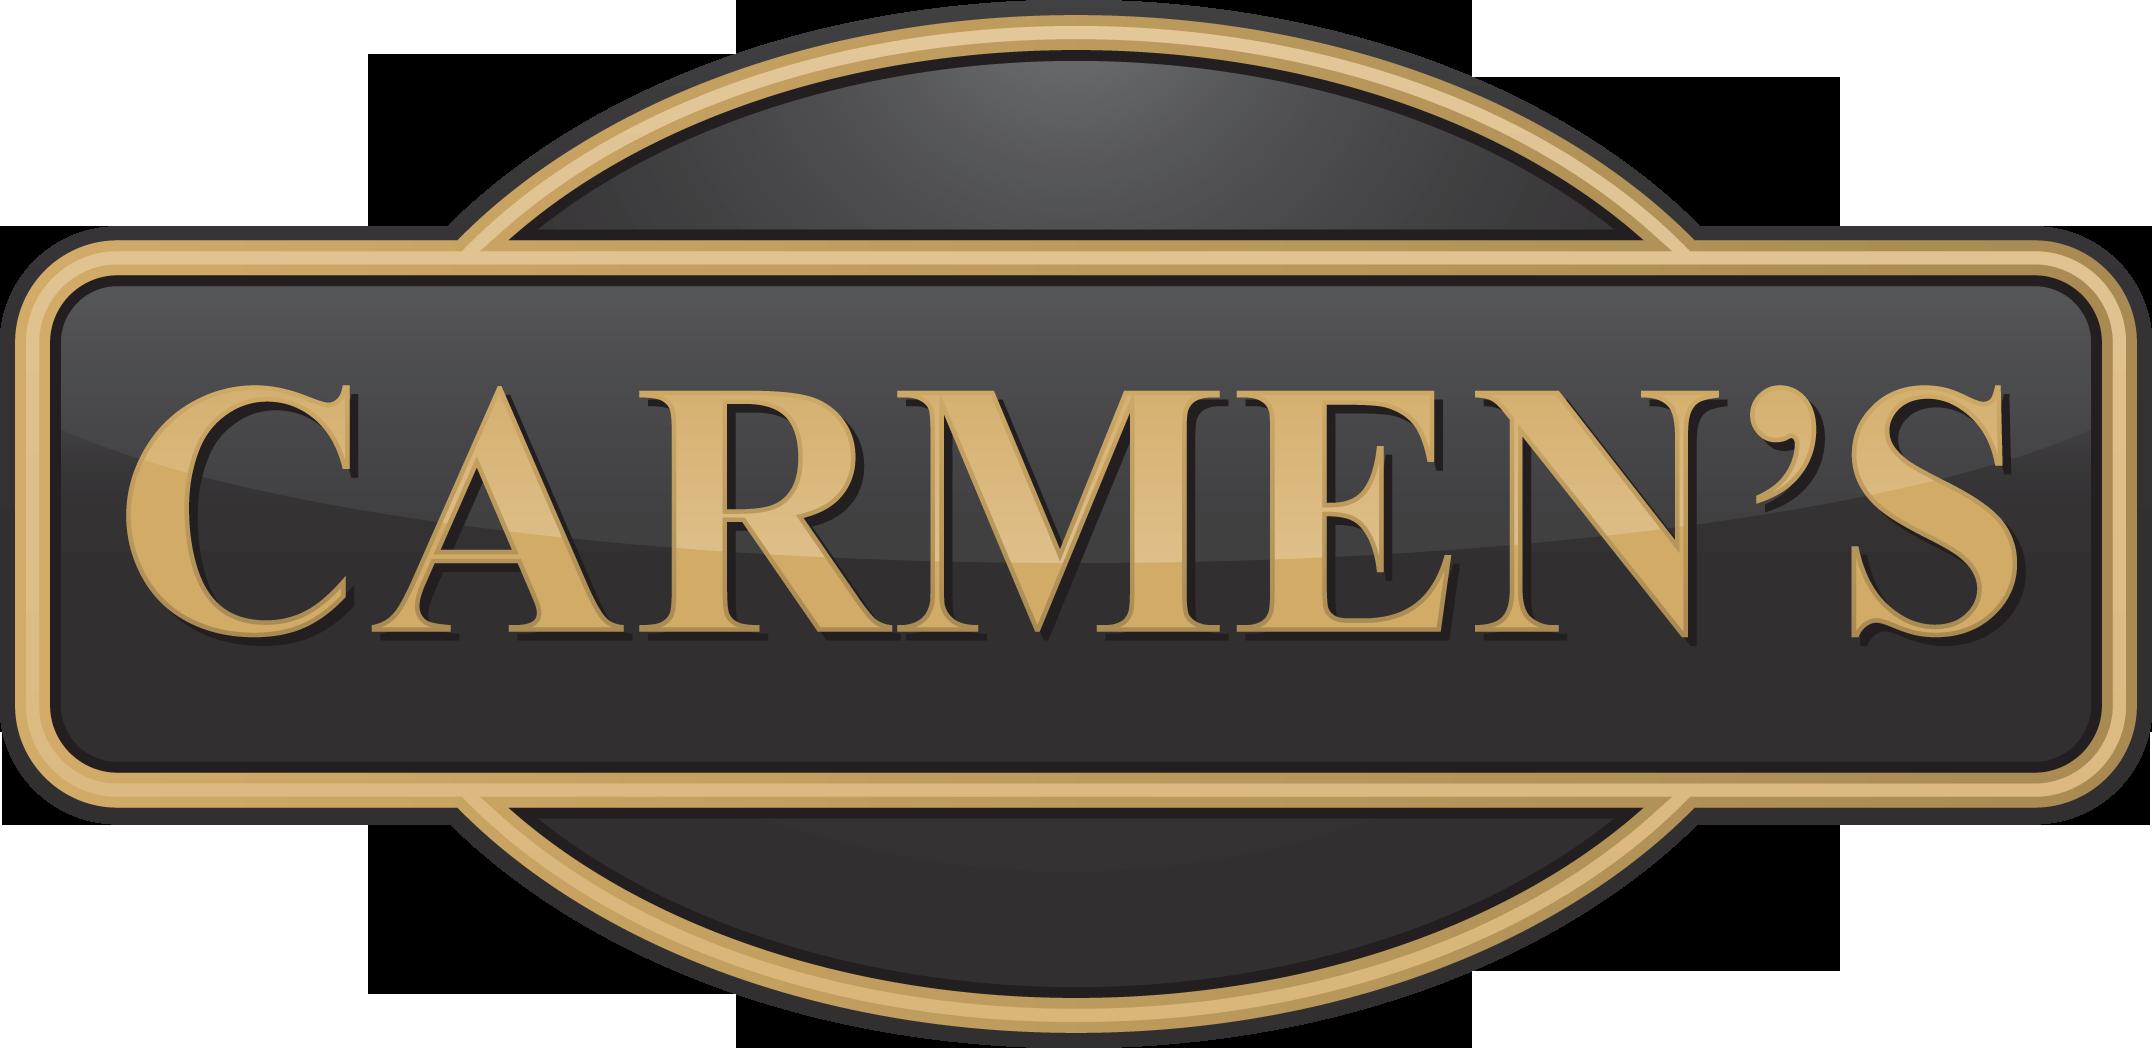 Carmen's logo